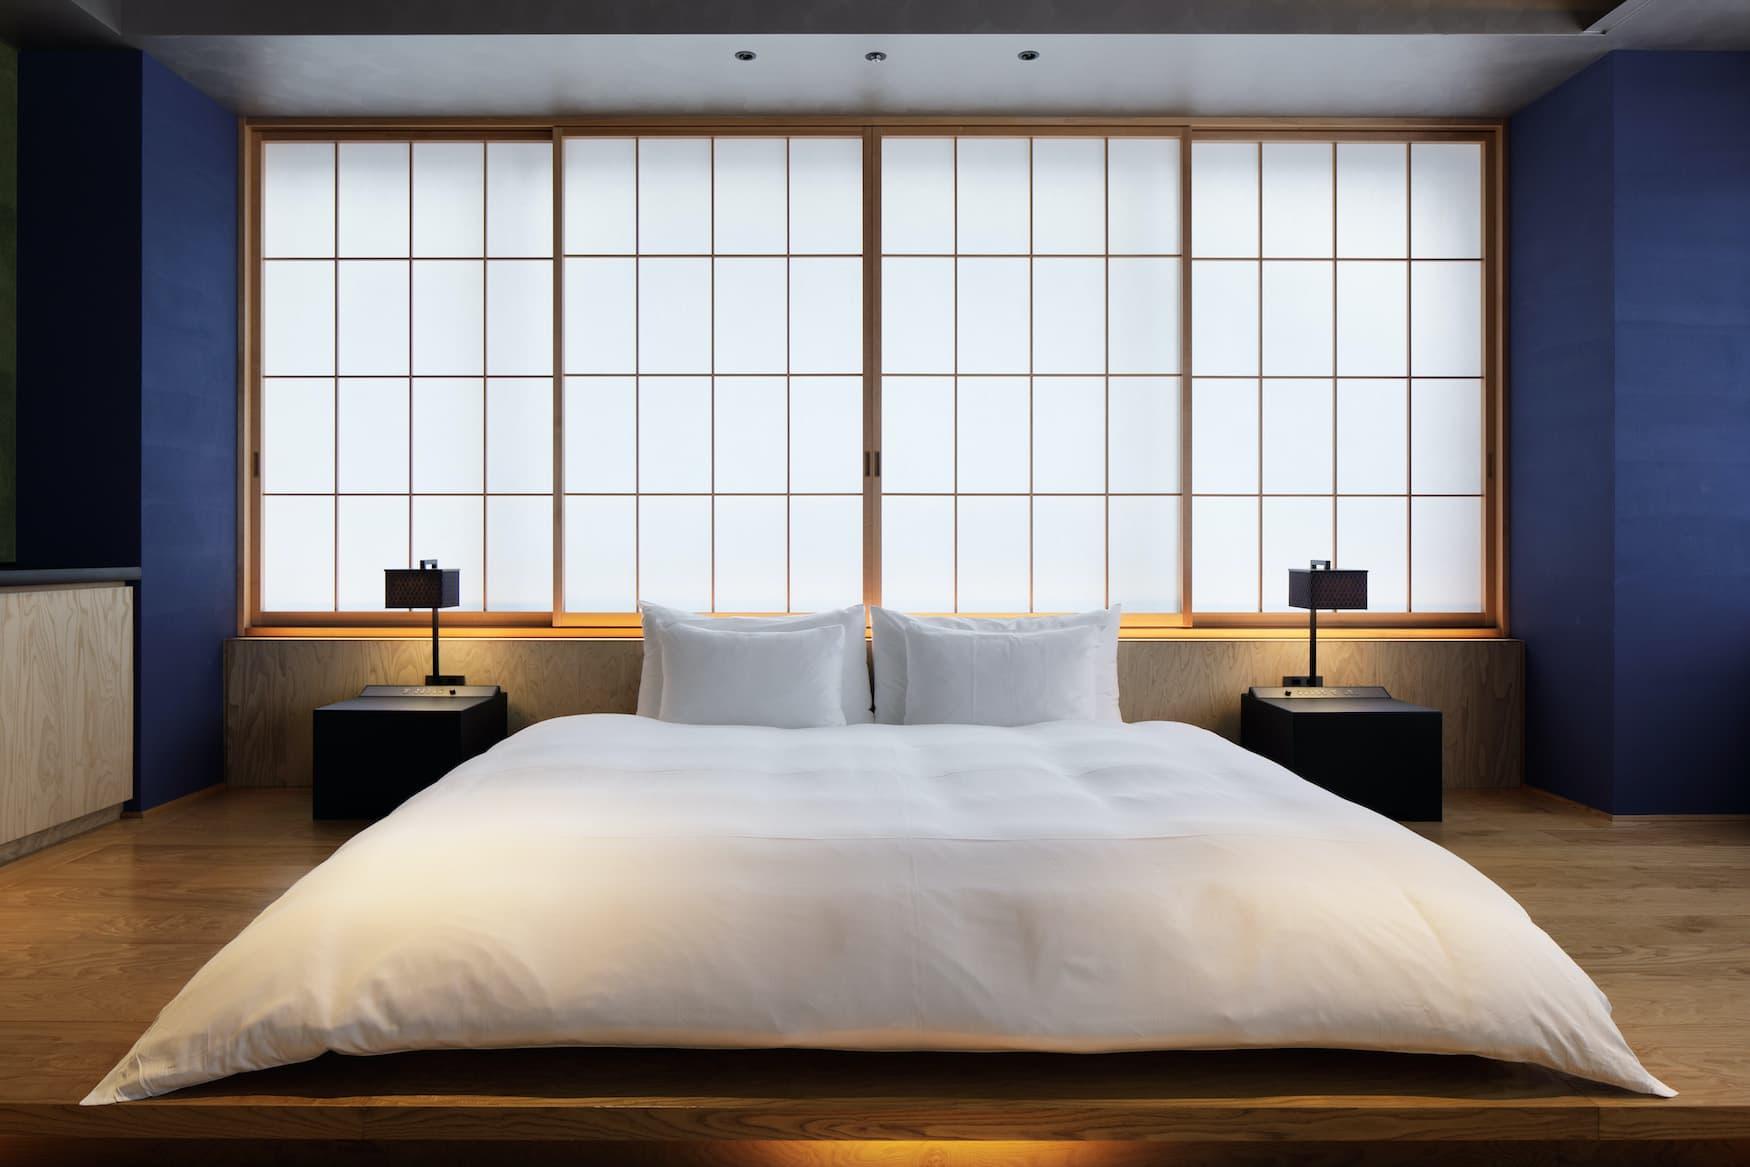 Ein Architekturhotel der etwas anderen Sorte: Das Hoshinoya Tokio ist im klassischen Ryokan-Gästehaus-Stil errichtet